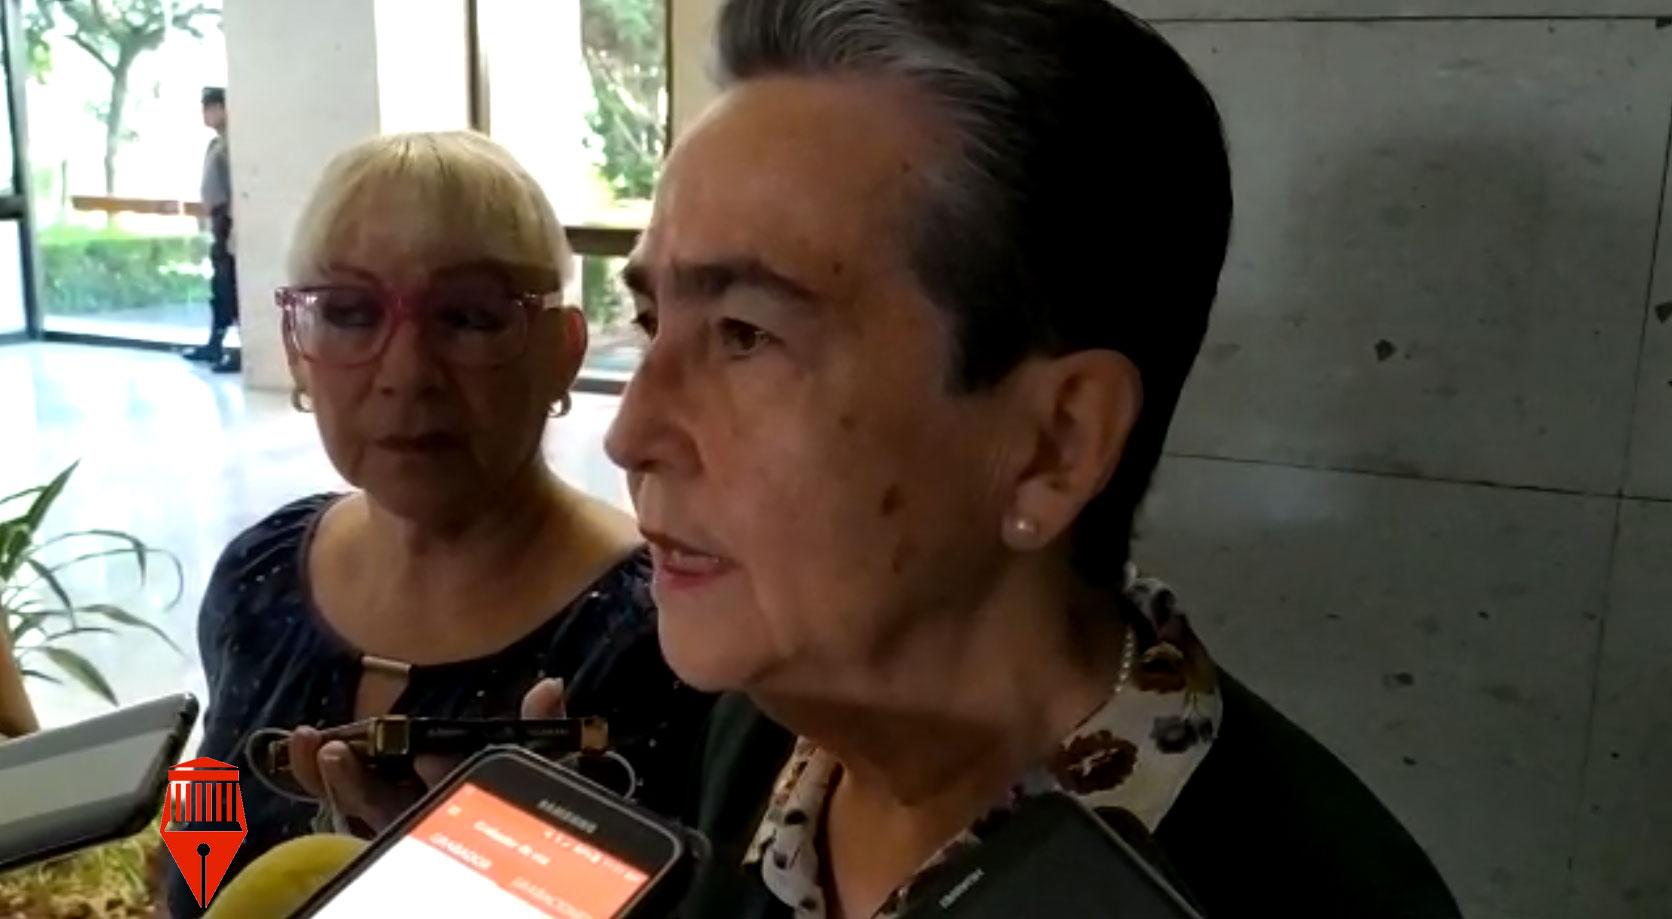 La senadora, Gloria Sánchez Hernández apoyó la postura de la secretaria de gobernación, Olga Sánchez Cordero, sobre el establecer un diálogo con las autodefensas, siempre y cuando sea con los representantes y no con los que tienen otros intereses.